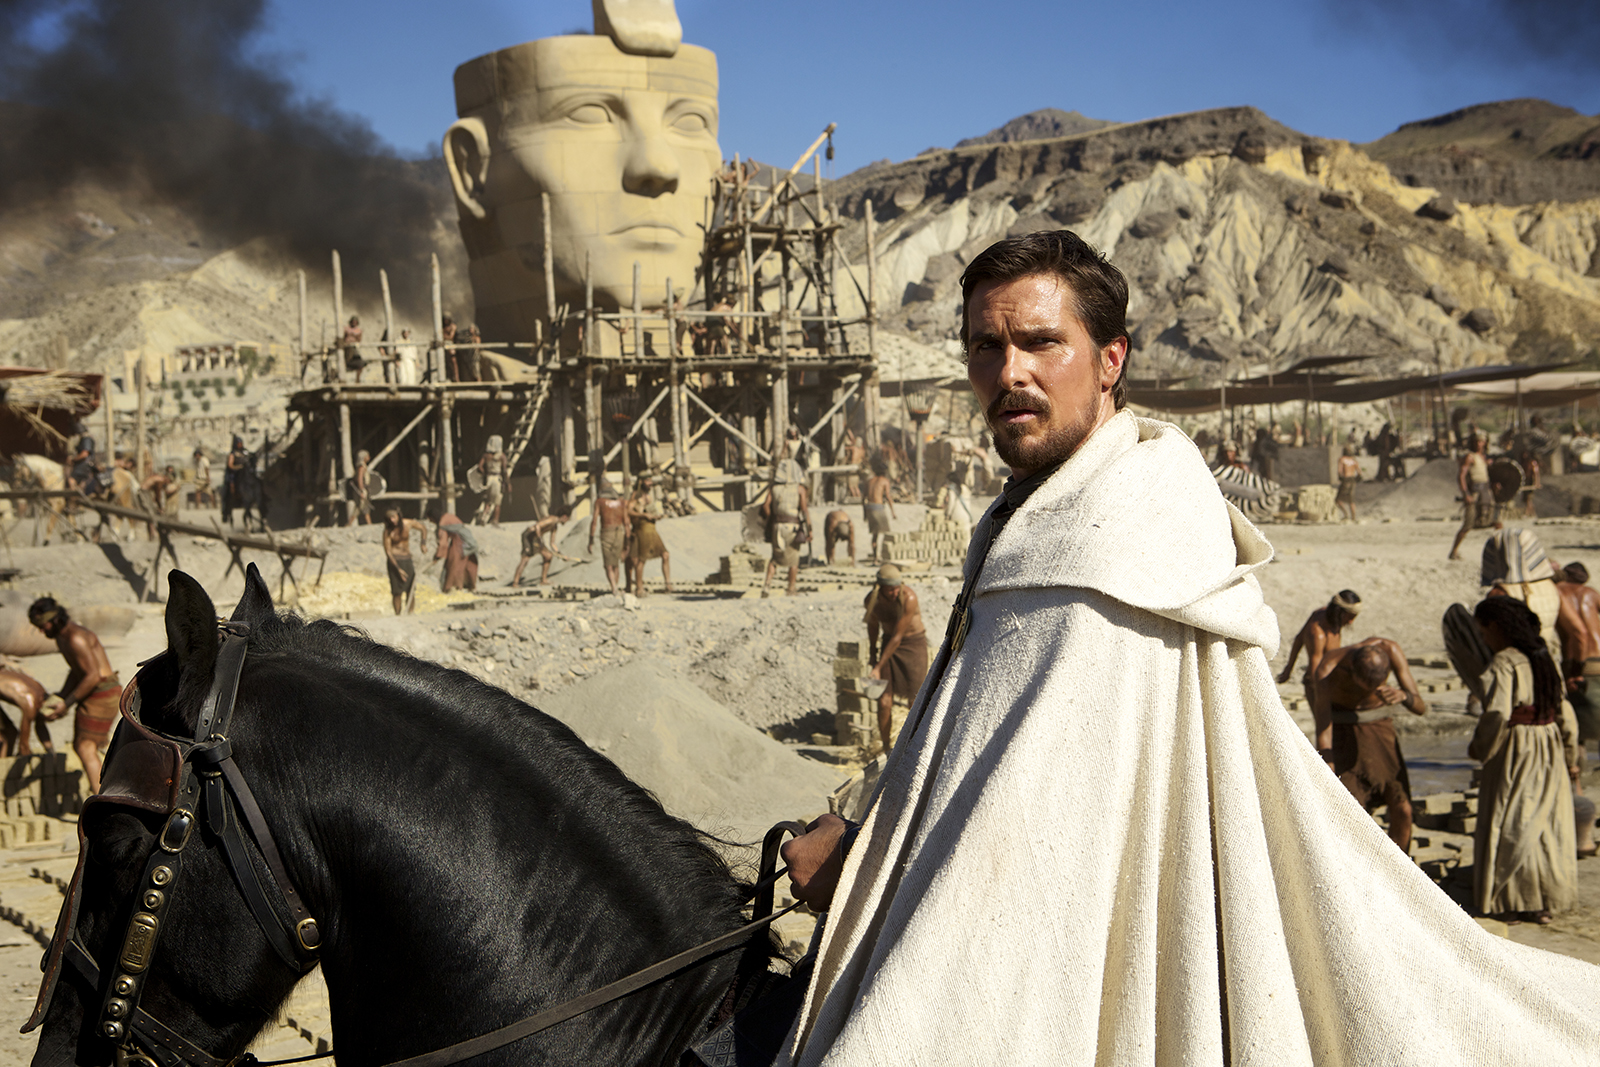 Crítica de la película Exodus realizada por Ridley Scott y con Christian Bale